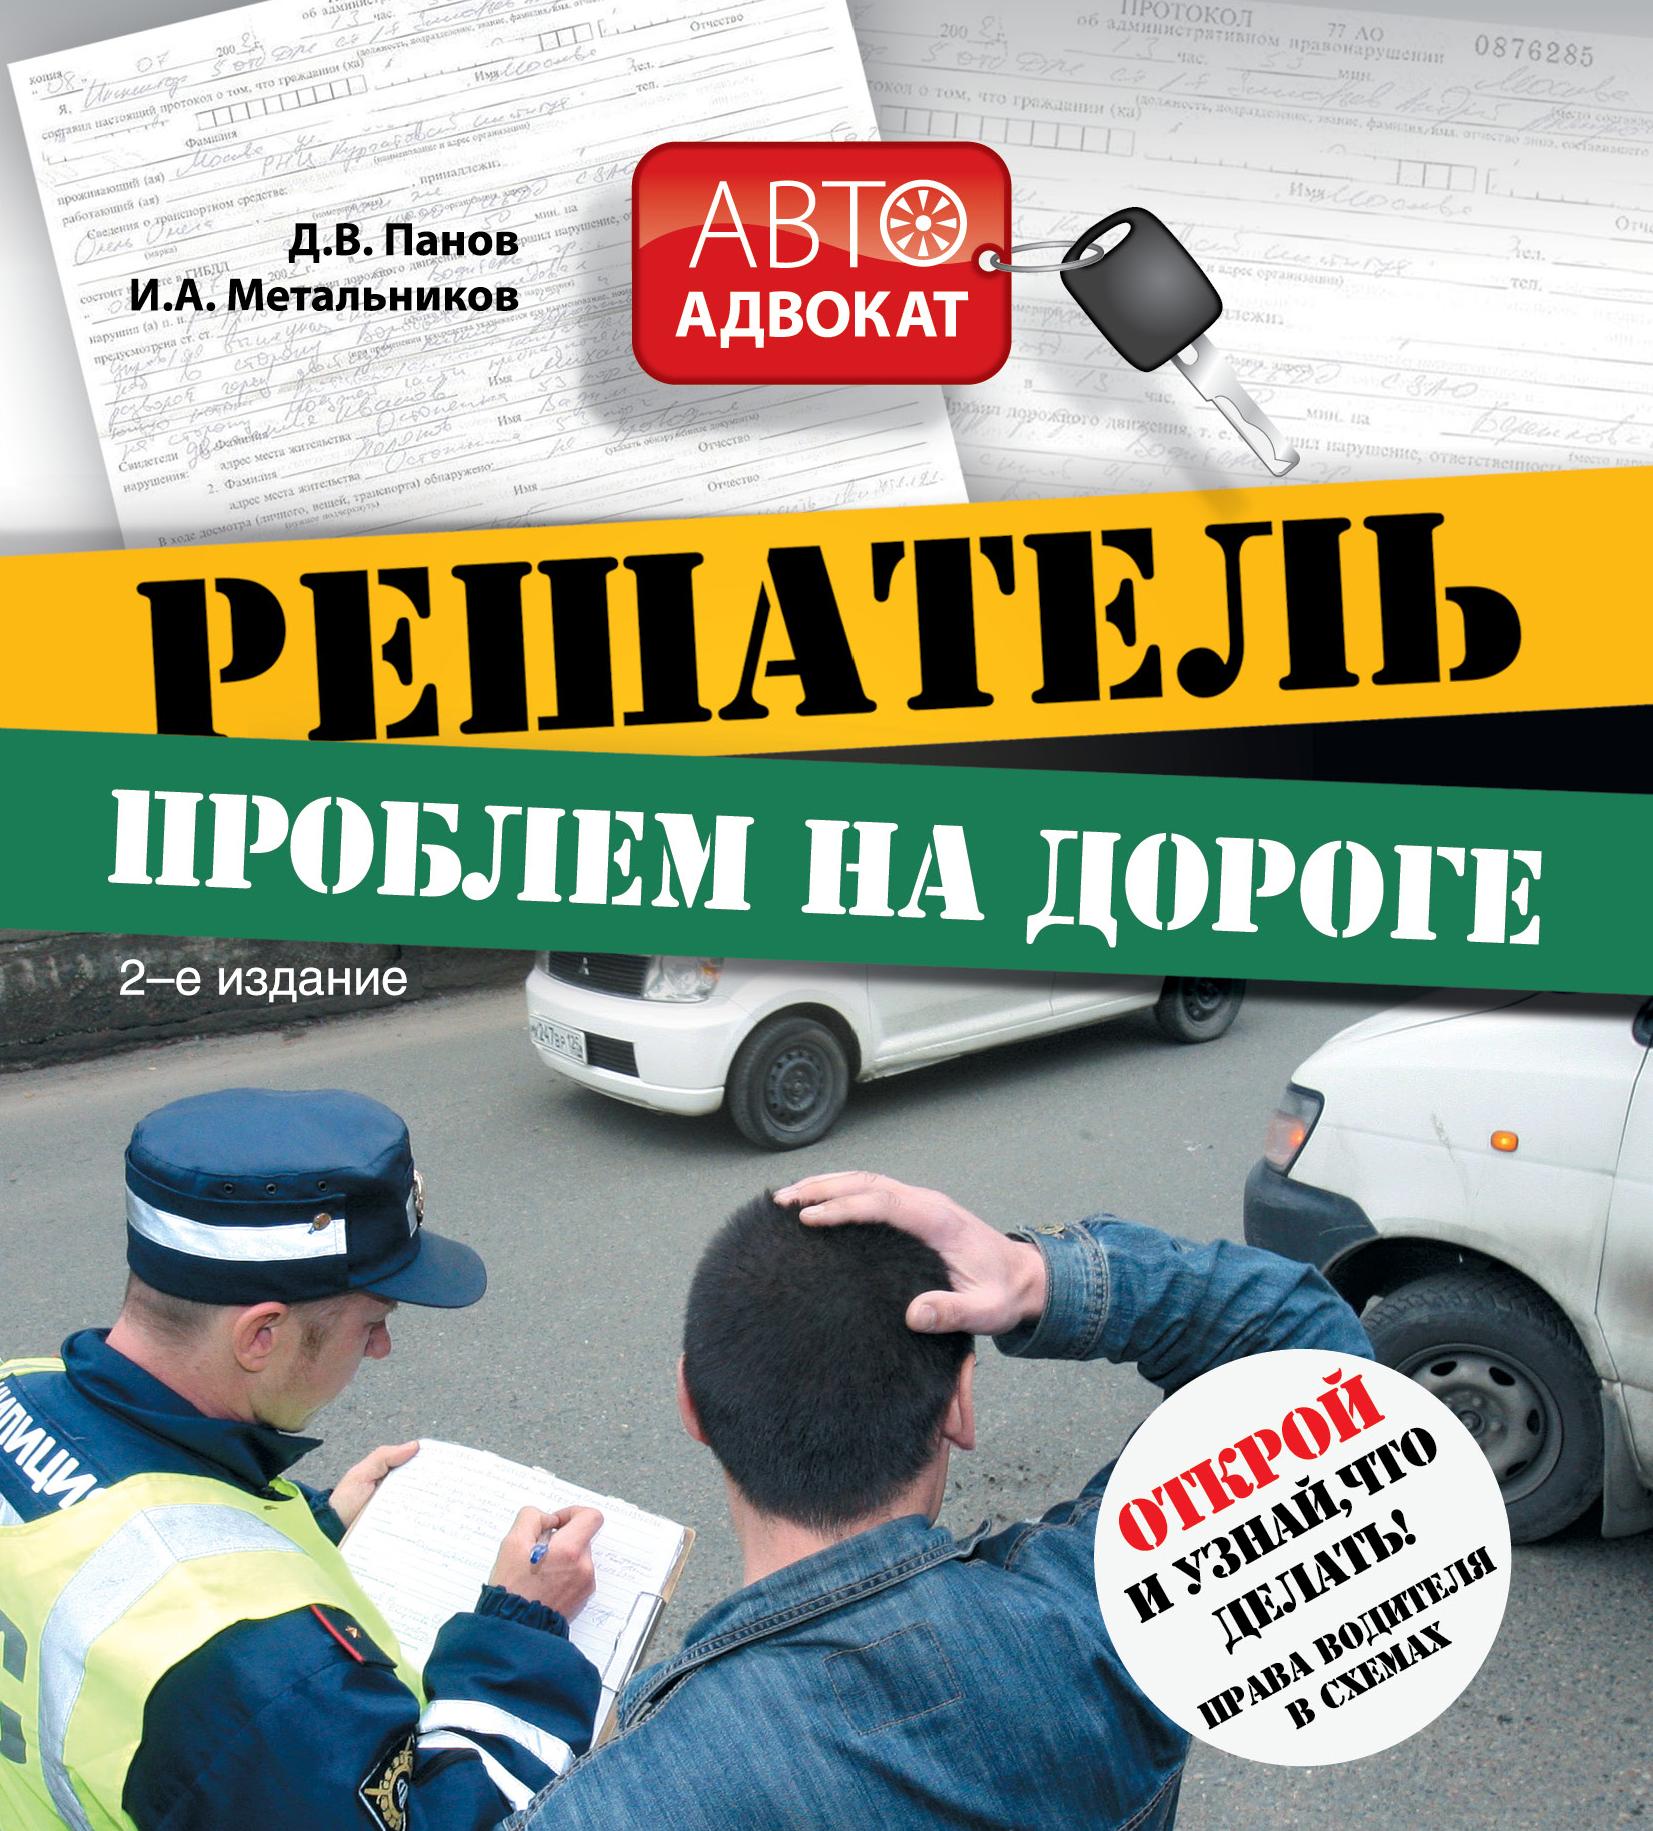 Решатель проблем на дороге: открой и узнай, что делать! Права водителя в схемах. 2-е изд.